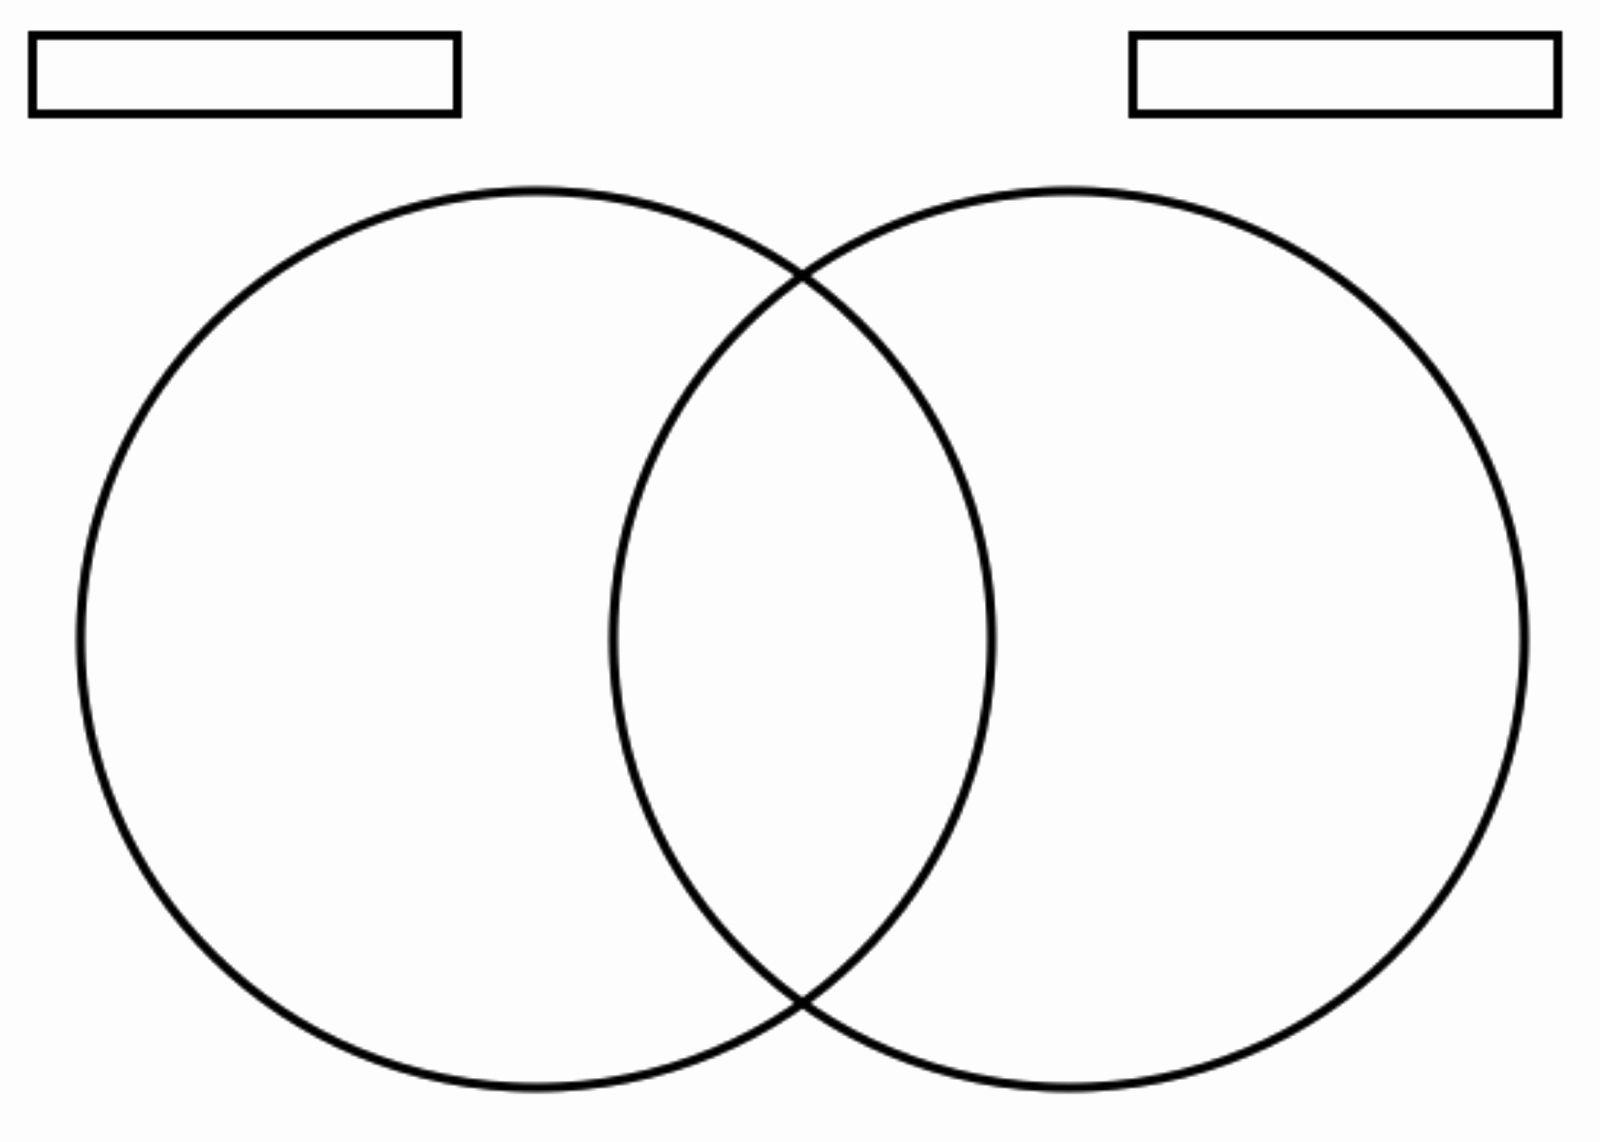 Venn Diagram Template Editable Best Of Venn Diagram